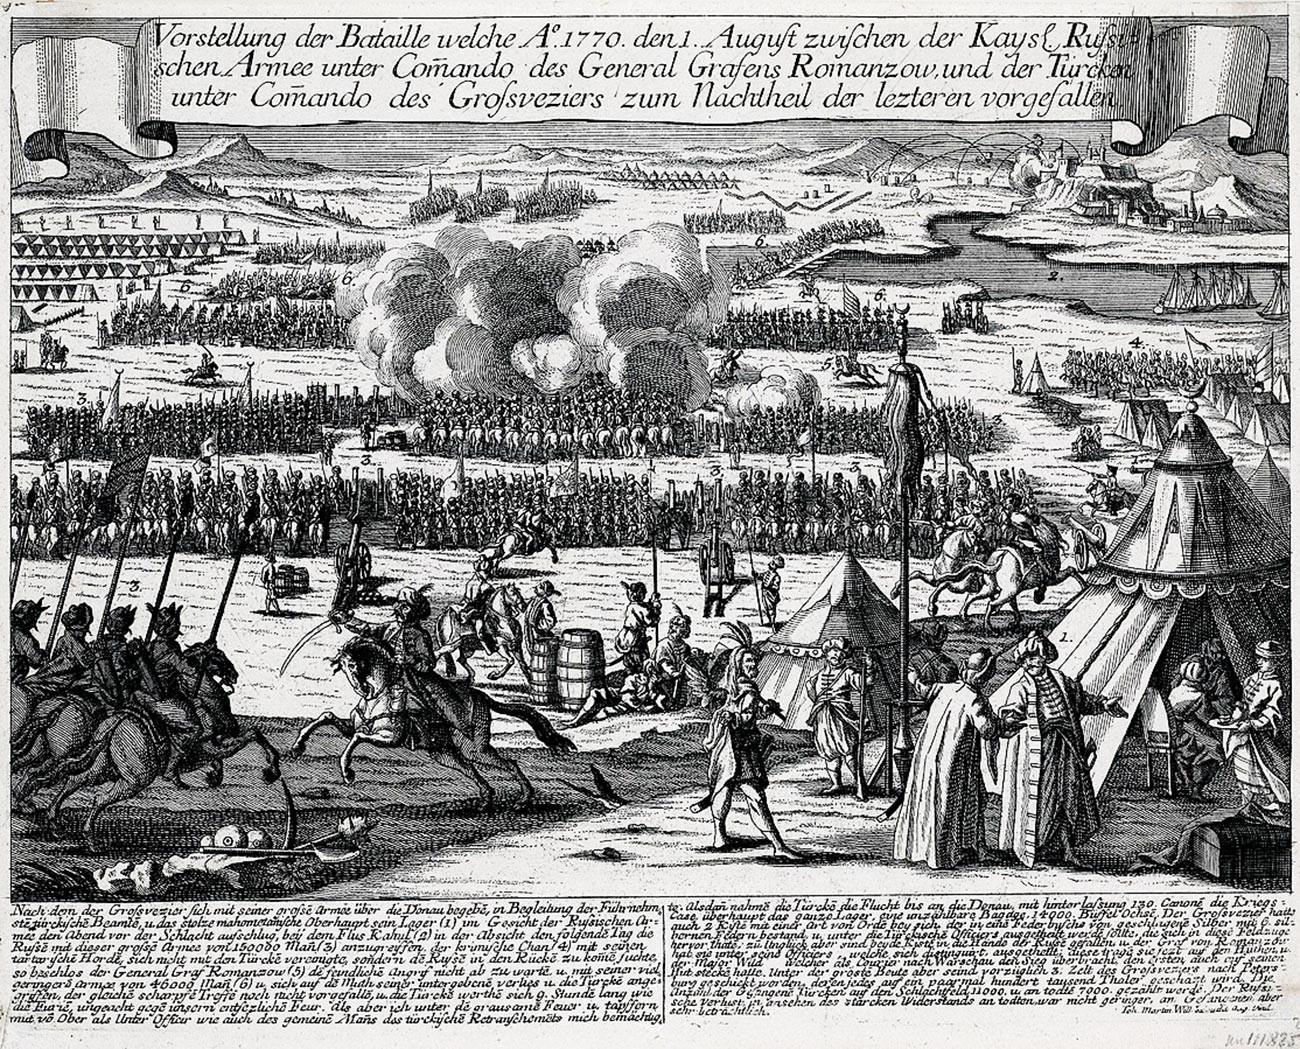 Battle of Kagul.